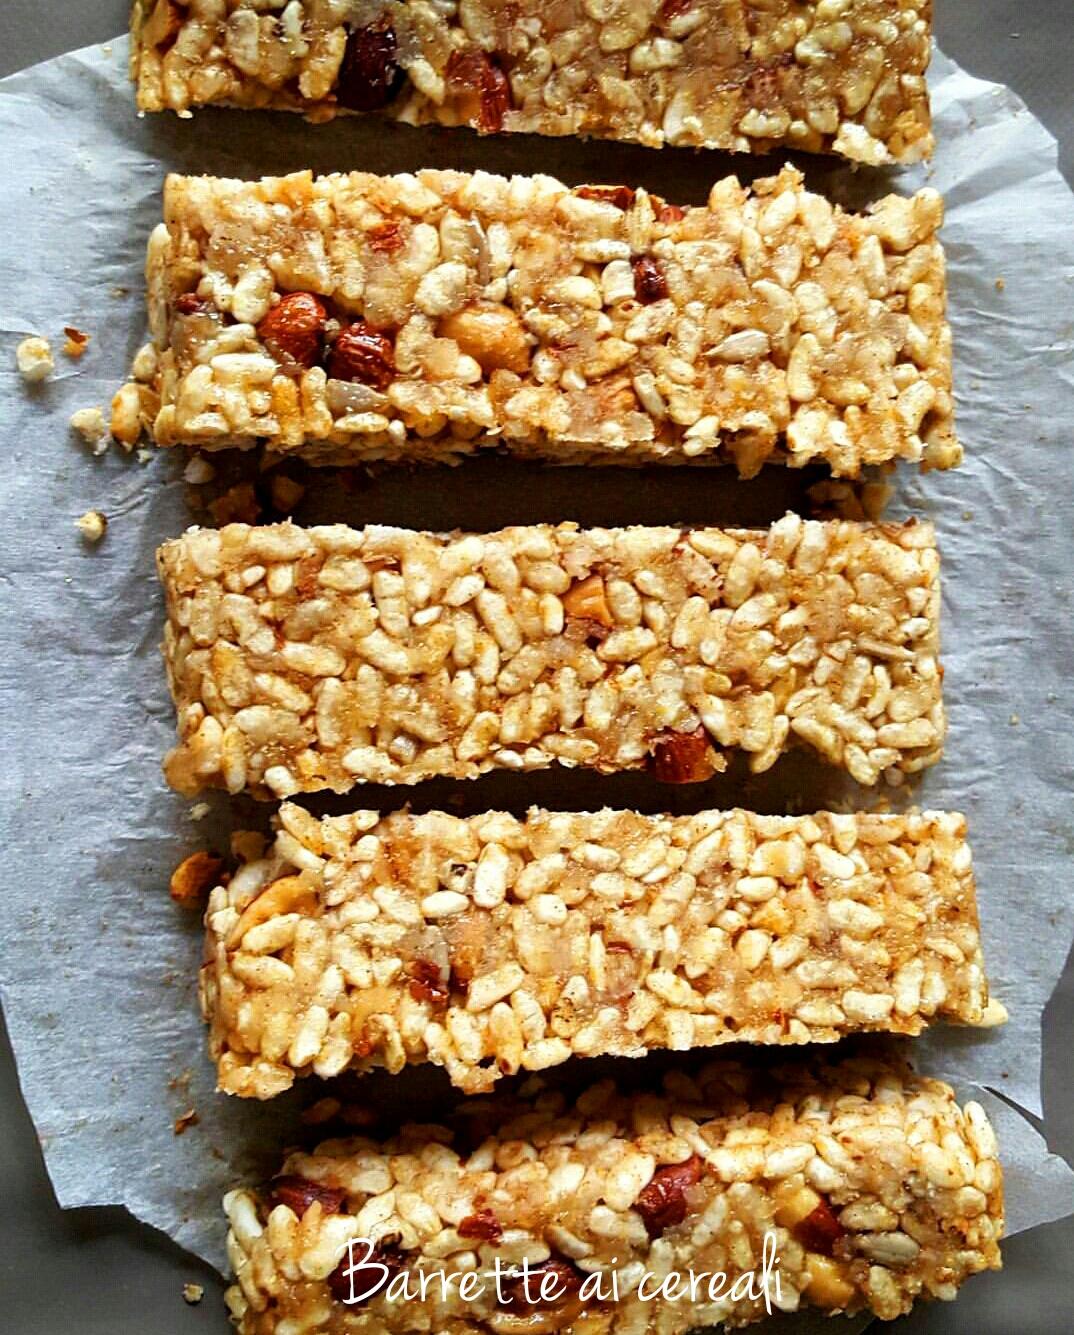 Ricetta barrette ai cereali fatte in casa